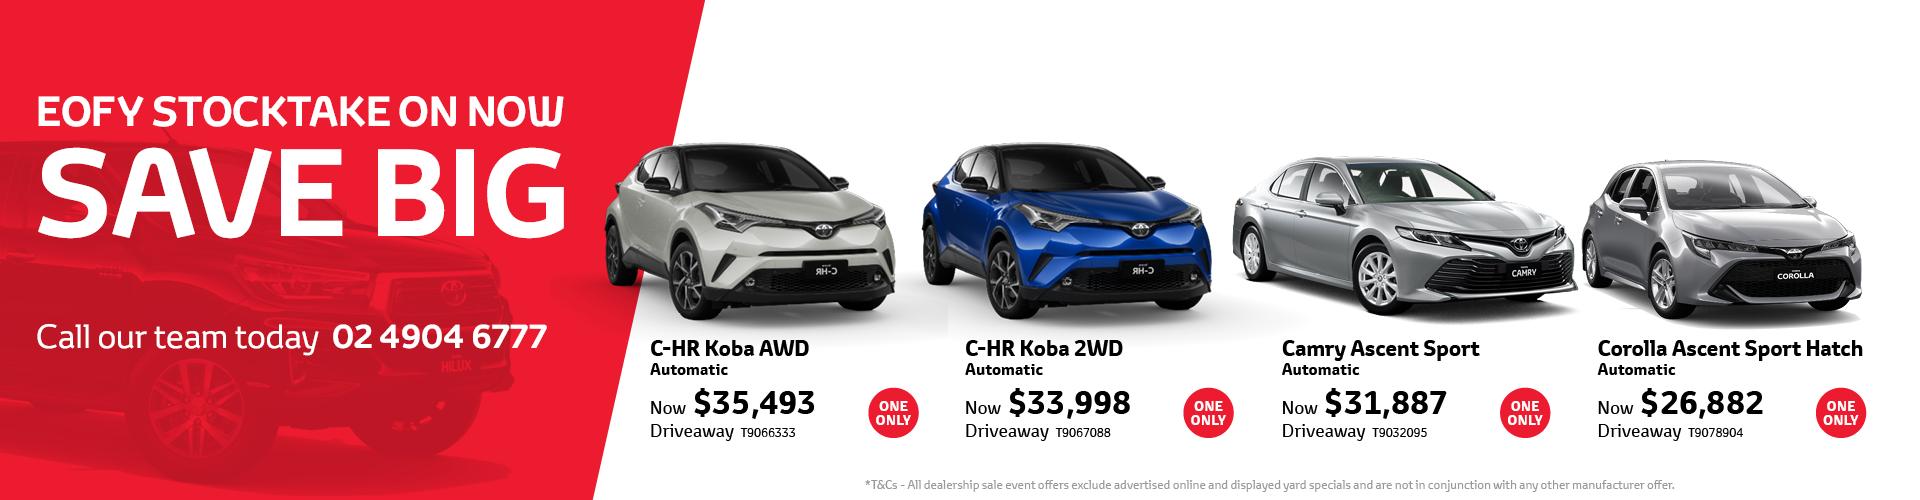 Toyota EOFY Stocktake